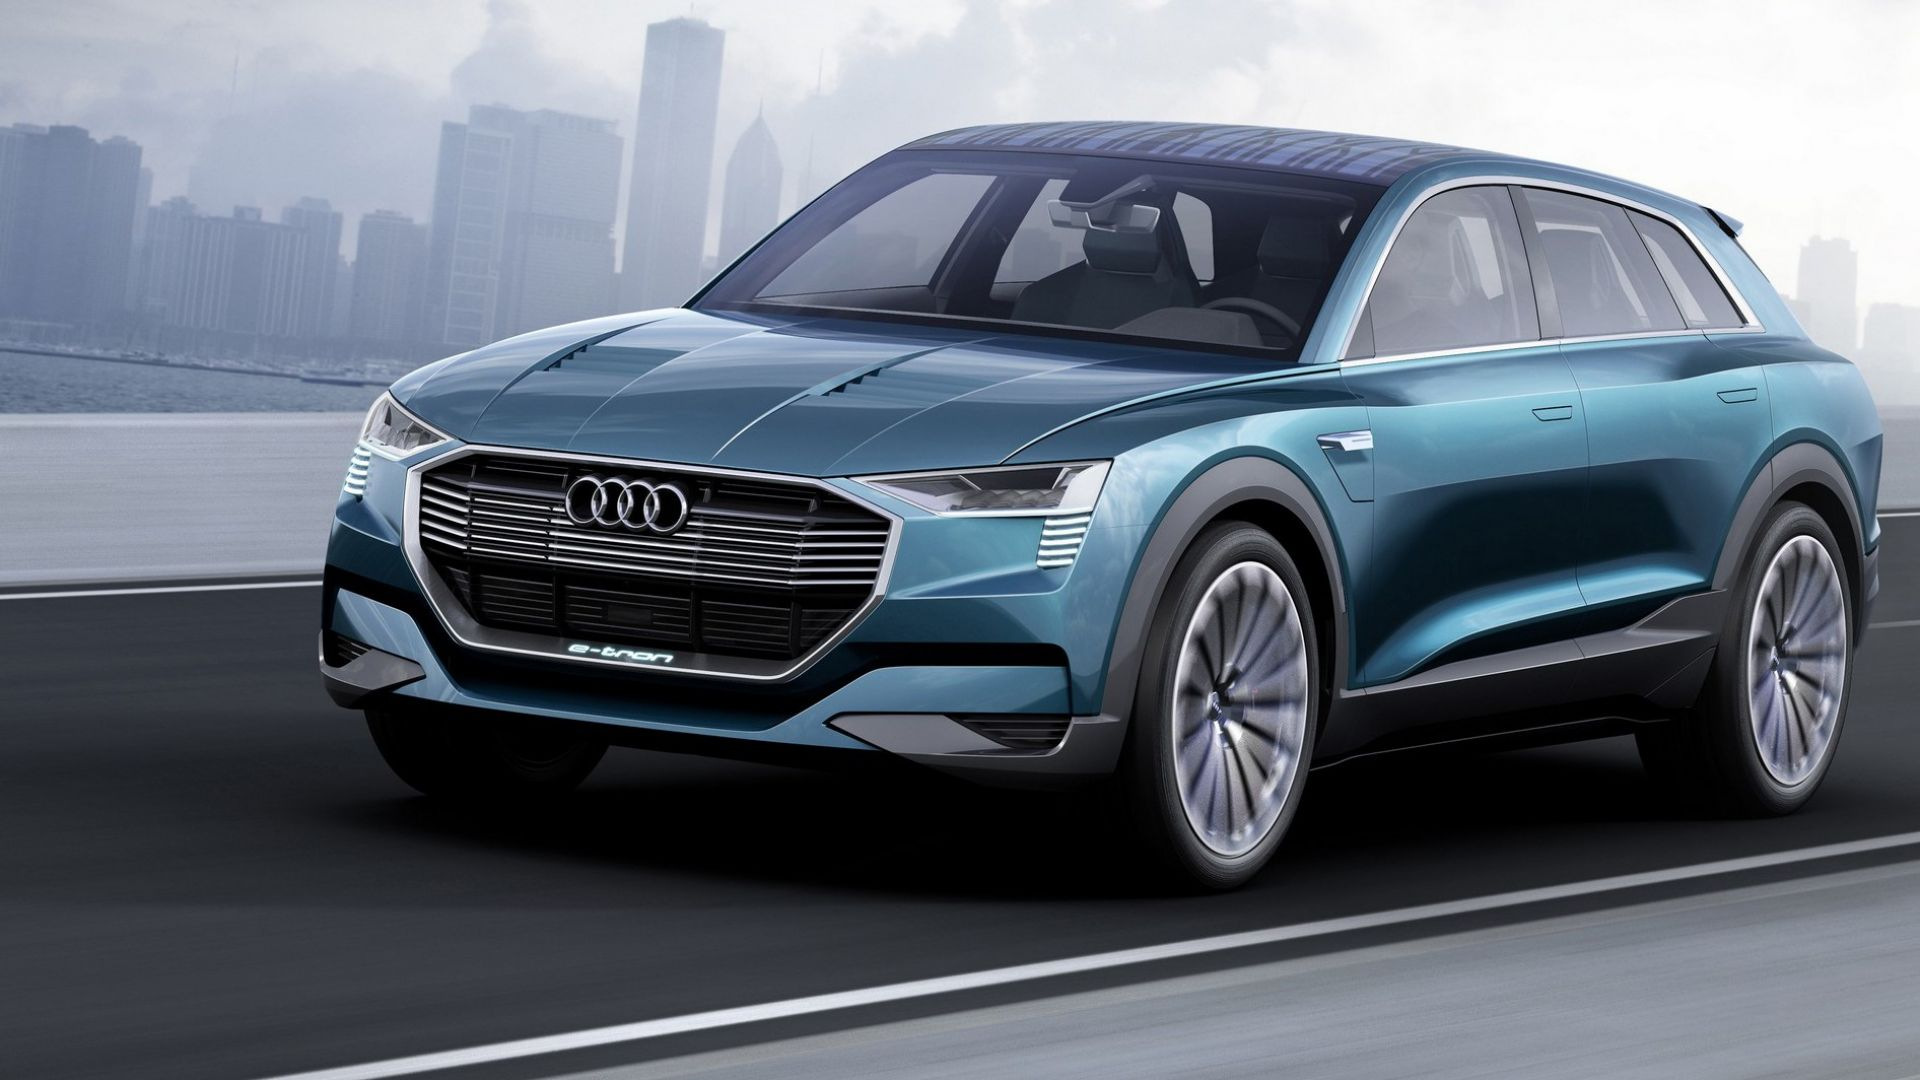 Audi: 3 elettriche entro il 2020 - MotorBox